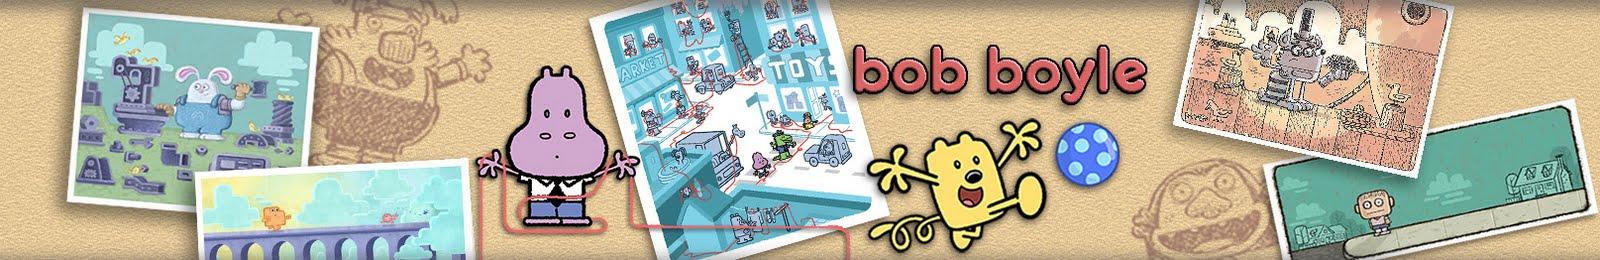 Bob Blog